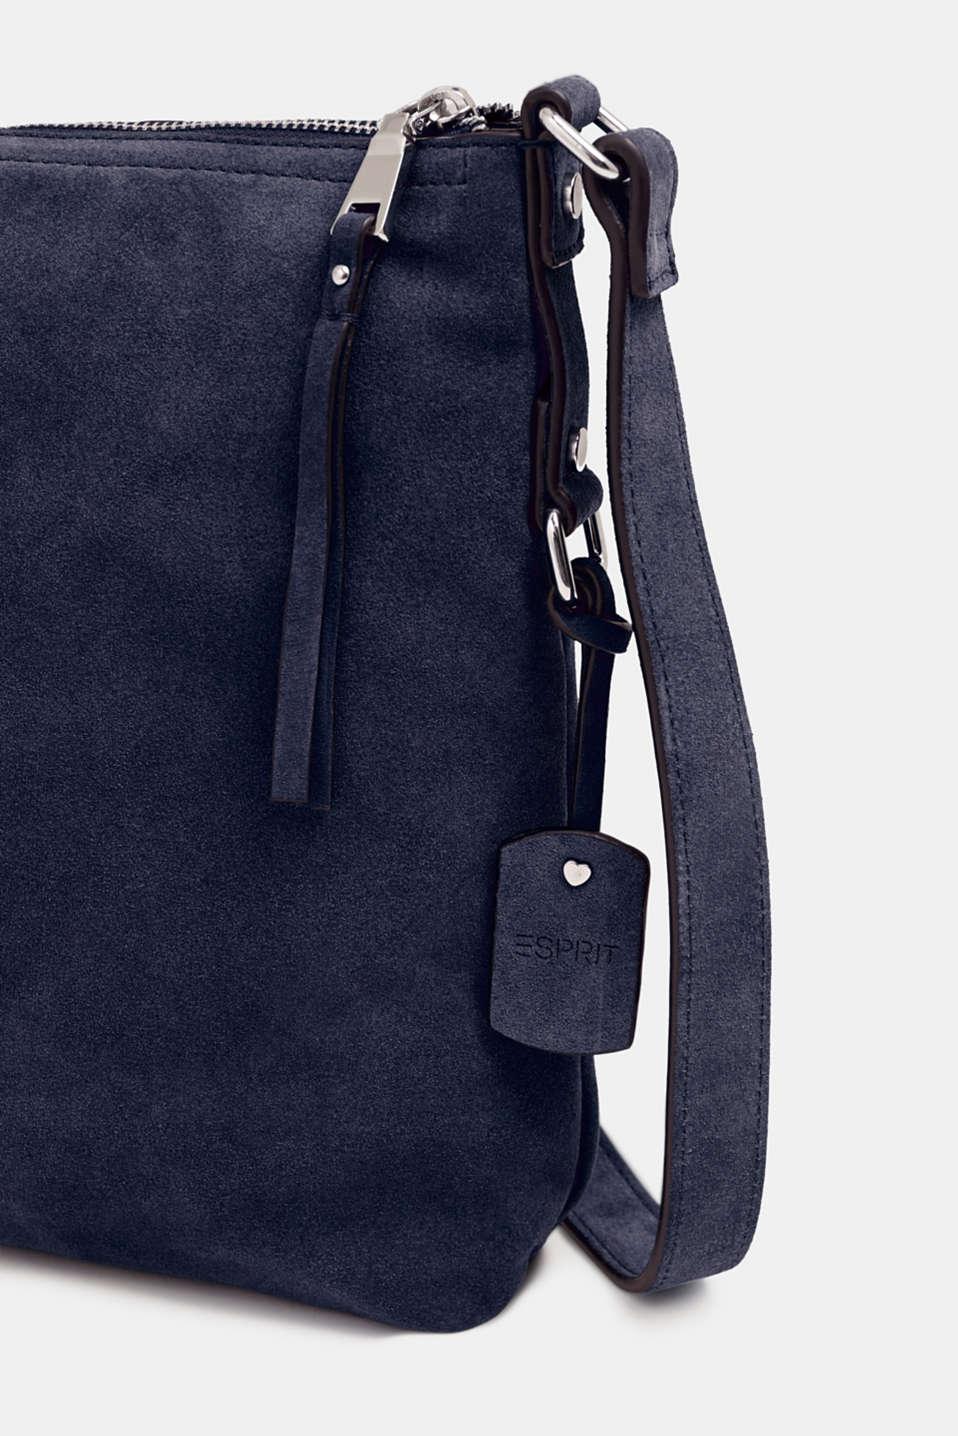 Leather shoulder bag, NAVY, detail image number 3